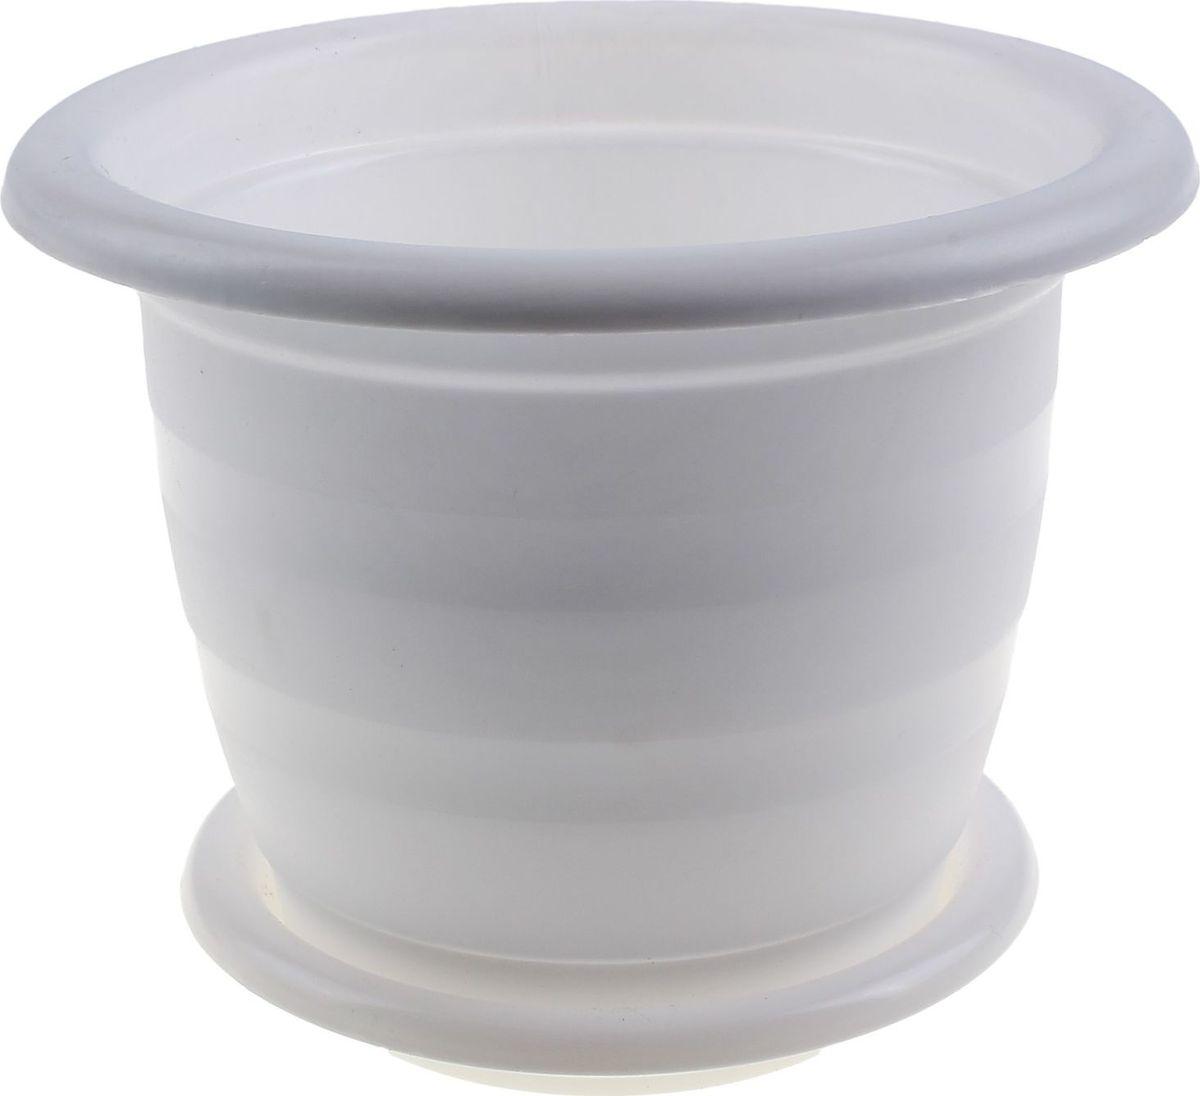 Горшок для цветов Альтернатива Виола, с поддоном, цвет: белый, 16 л531-401Любой, даже самый современный и продуманный интерьер будет не завершённым без растений. Они не только очищают воздух и насыщают его кислородом, но и заметно украшают окружающее пространство. Такому полезному члену семьи просто необходимо красивое и функциональное кашпо, оригинальный горшок или необычная ваза! Мы предлагаем - Горшок для цветов 16 л Виола, с поддоном, цвет белый! Оптимальный выбор материала пластмасса! Почему мы так считаем? Малый вес. С лёгкостью переносите горшки и кашпо с места на место, ставьте их на столики или полки, подвешивайте под потолок, не беспокоясь о нагрузке. Простота ухода. Пластиковые изделия не нуждаются в специальных условиях хранения. Их легко чистить достаточно просто сполоснуть тёплой водой. Никаких царапин. Пластиковые кашпо не царапают и не загрязняют поверхности, на которых стоят. Пластик дольше хранит влагу, а значит растение реже нуждается в поливе. Пластмасса не пропускает воздух корневой системе растения не грозят резкие перепады температур. Огромный выбор форм, декора и расцветок вы без труда подберёте что-то, что идеально впишется в уже существующий интерьер. Соблюдая нехитрые правила ухода, вы можете заметно продлить срок службы горшков, вазонов и кашпо из пластика: всегда учитывайте размер кроны и корневой системы растения (при разрастании большое растение способно повредить маленький горшок)берегите изделие от воздействия прямых солнечных лучей, чтобы кашпо и горшки не выцветалидержите кашпо и горшки из пластика подальше от нагревающихся поверхностей. Создавайте прекрасные цветочные композиции, выращивайте рассаду или необычные растения, а низкие цены позволят вам не ограничивать себя в выборе.